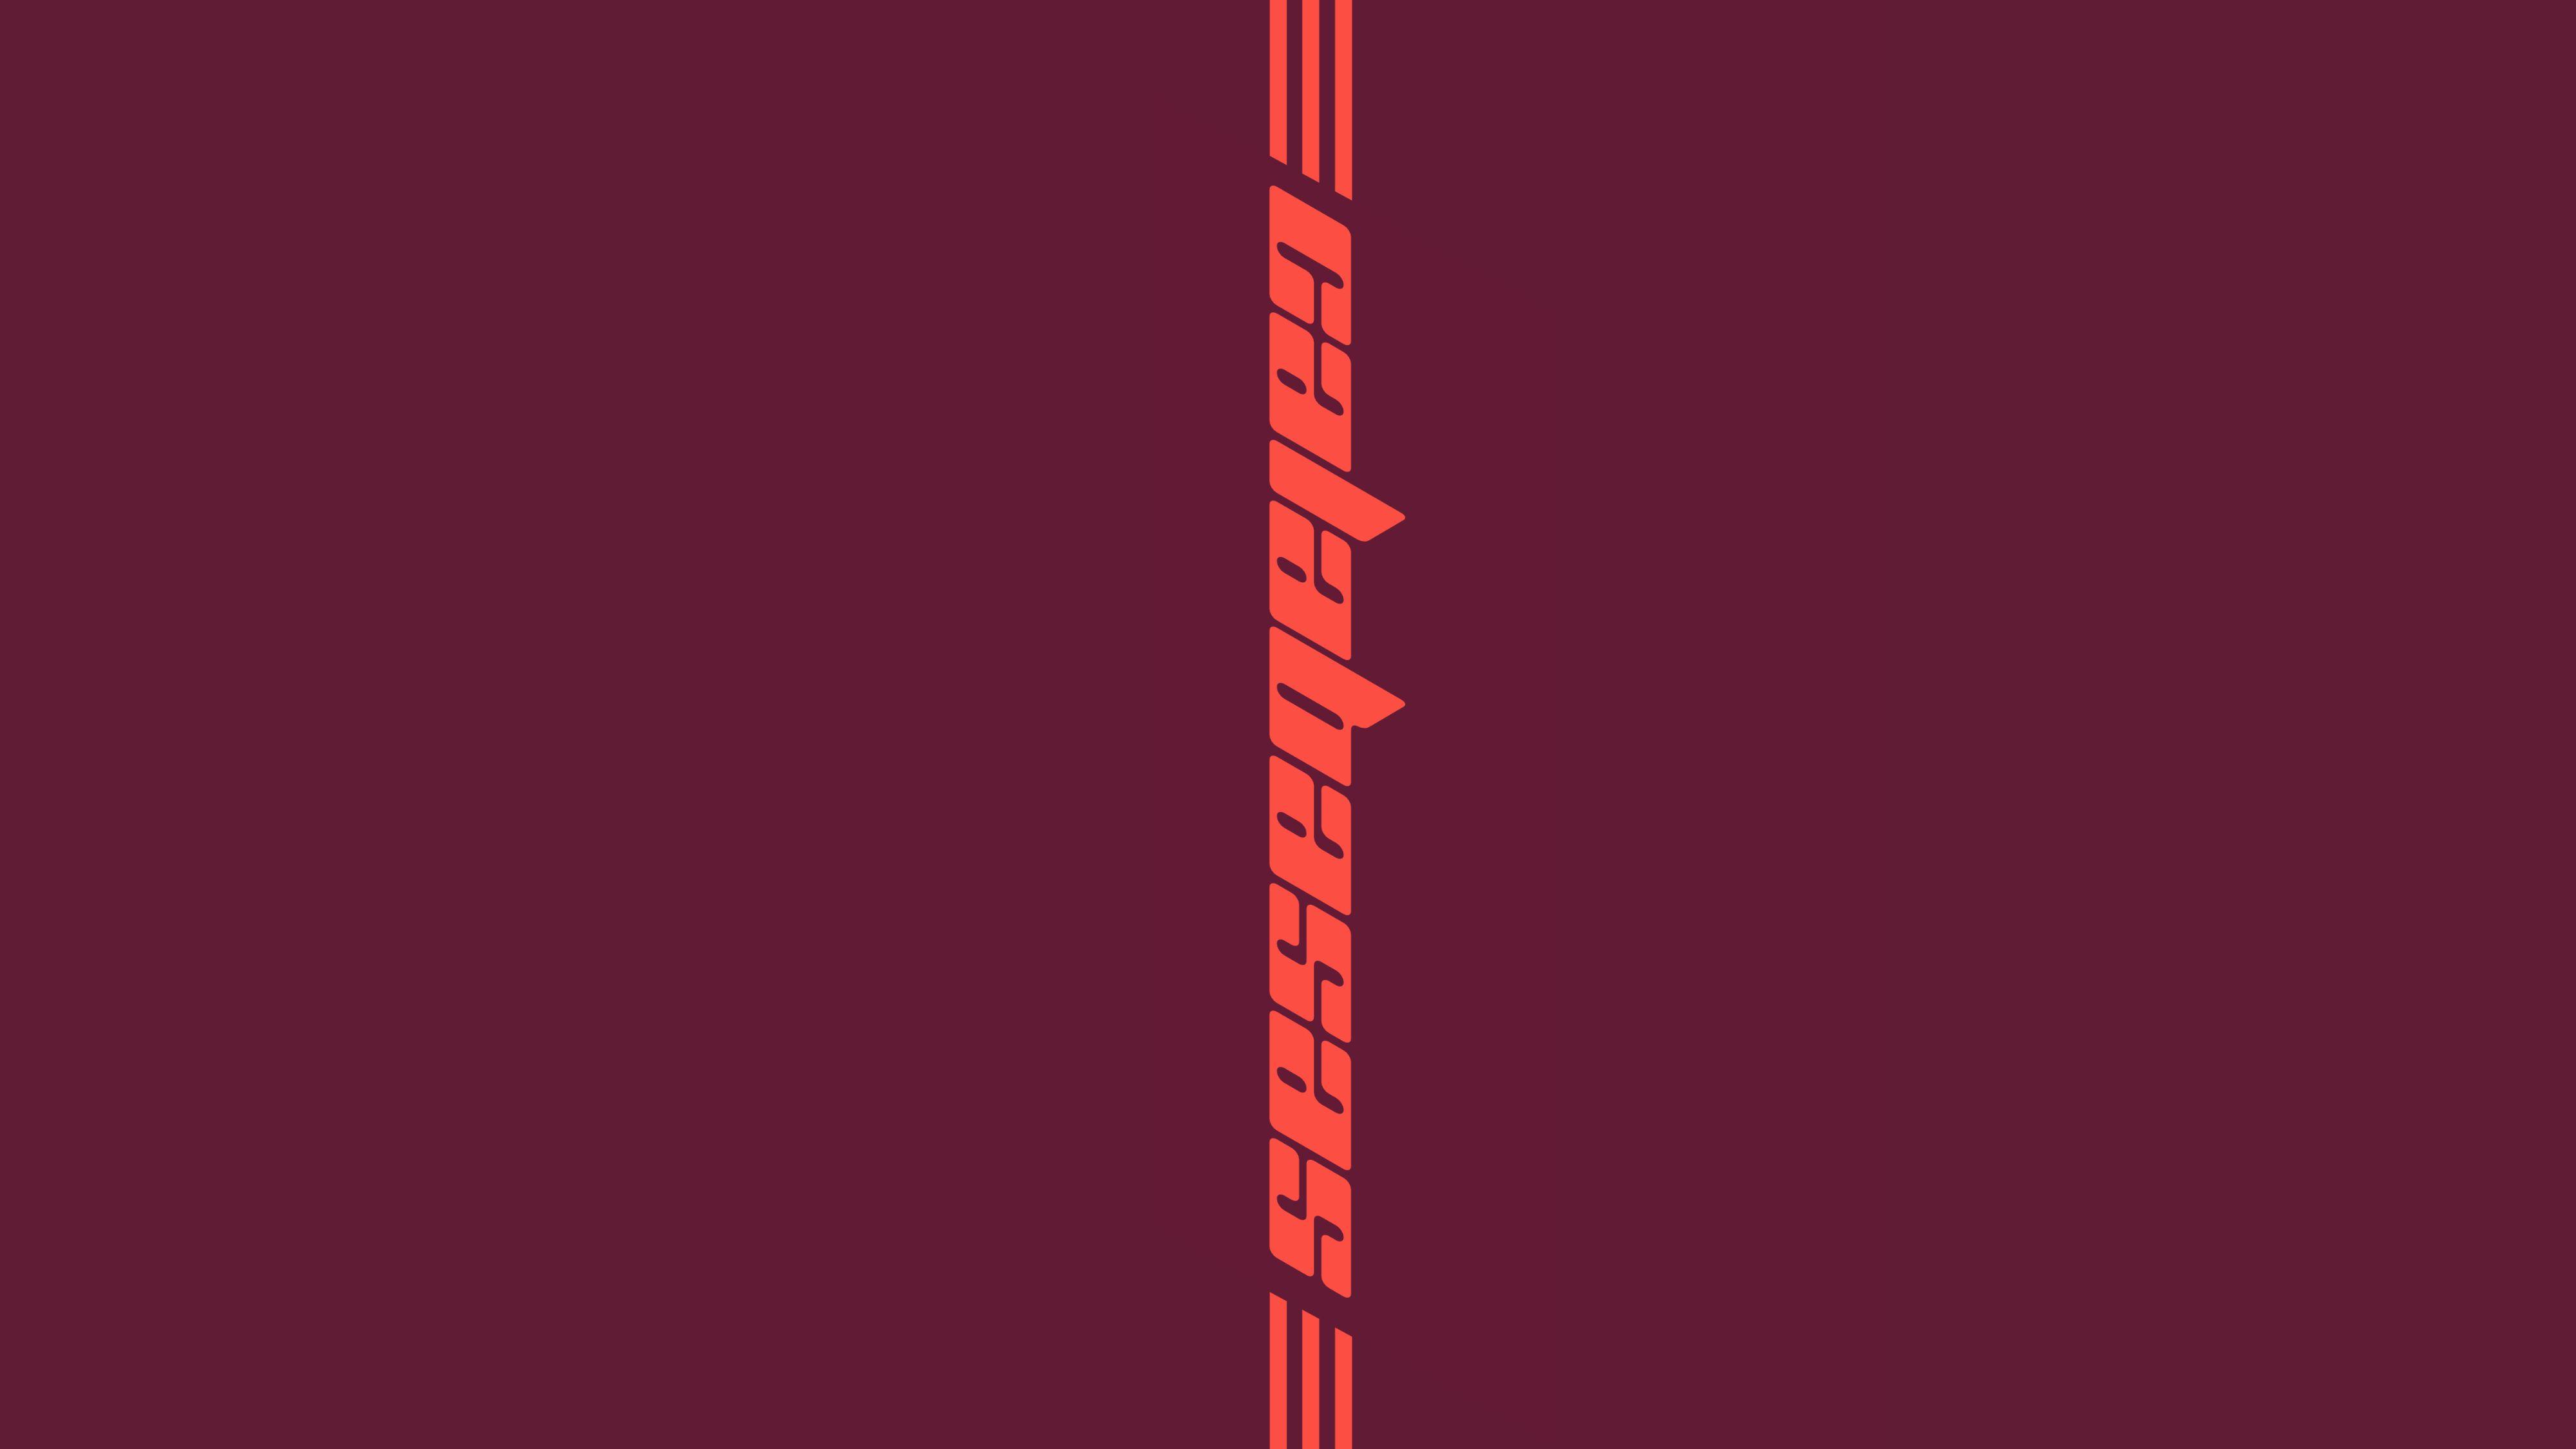 Kanye X Adidas Calabasas 4k Desktop Wallpapers 4k